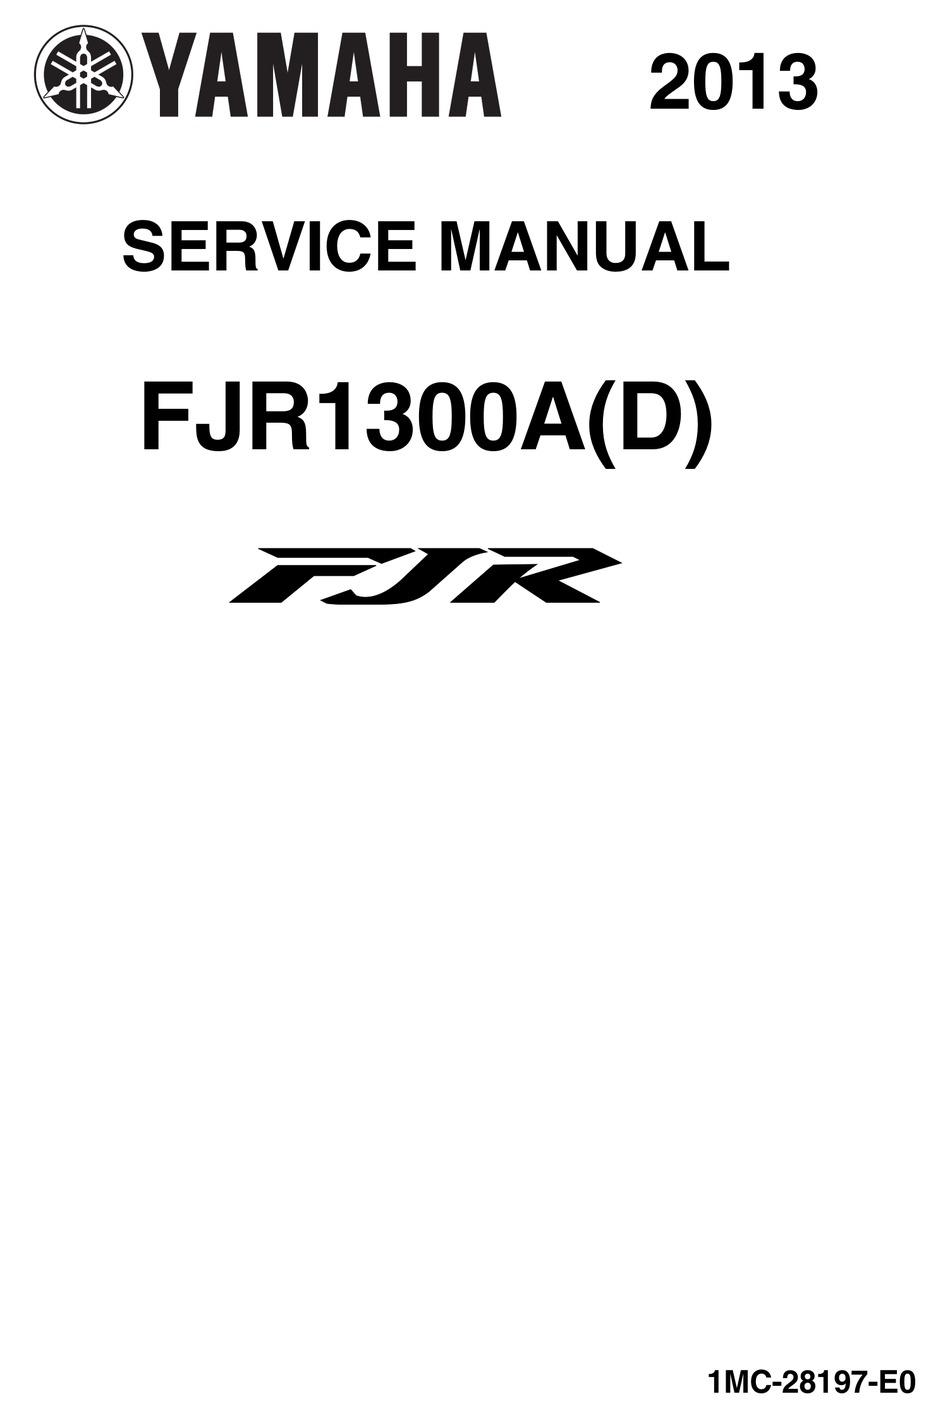 Yamaha Fjr1300a D Service Manual Pdf Download Manualslib